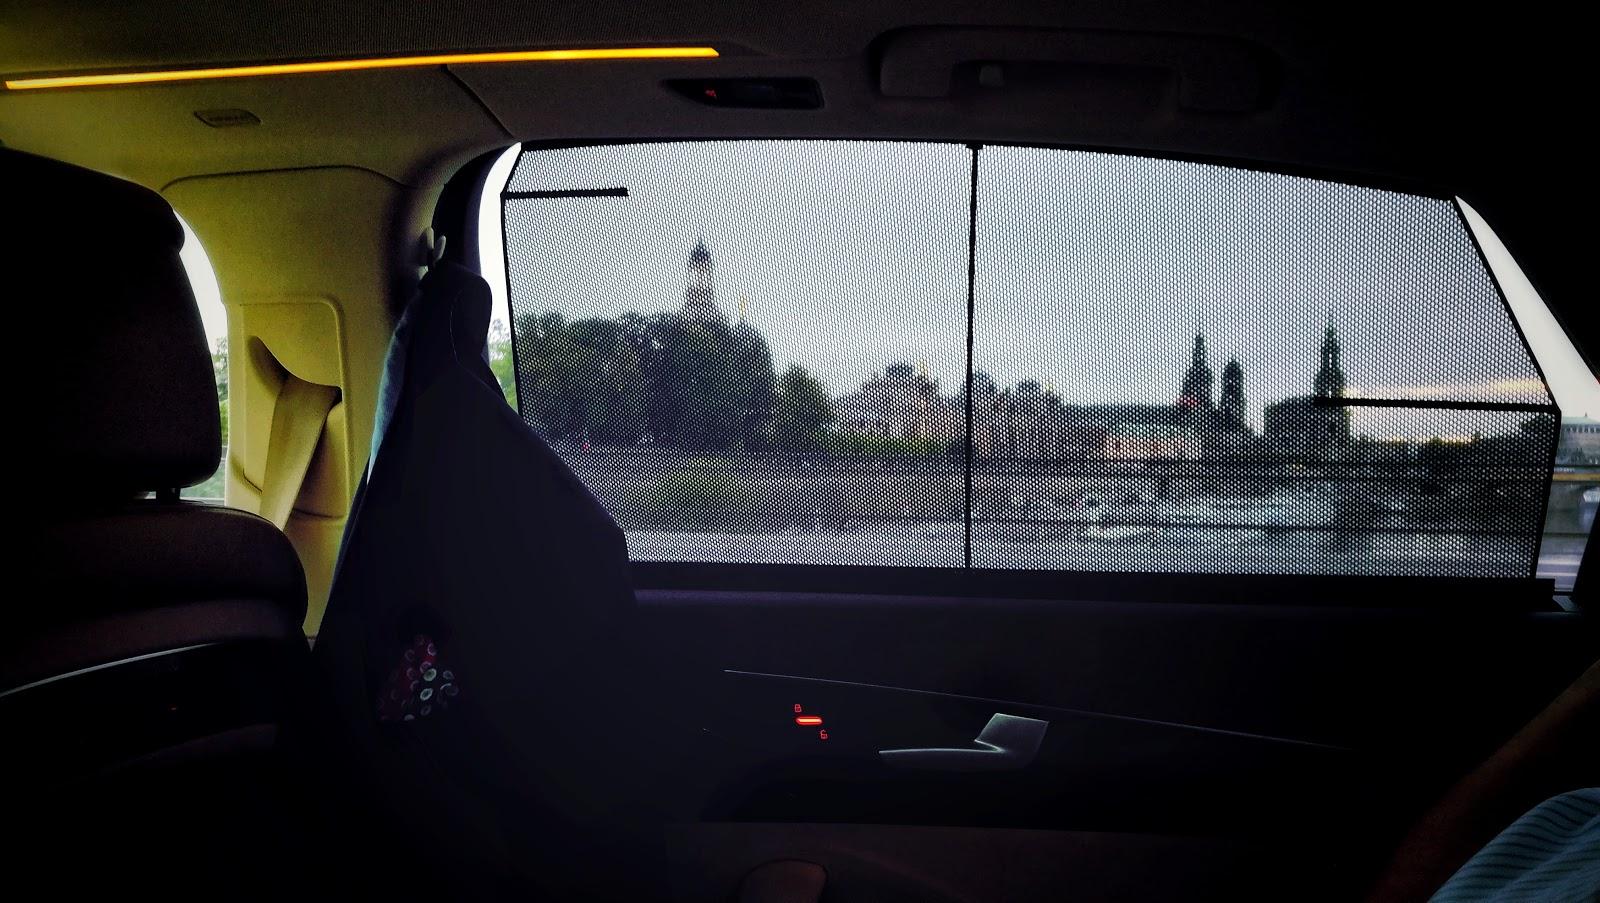 Ein Jacket hängt am Fenster einer Audi Limousine man sieht den beleuchteten Innenraum